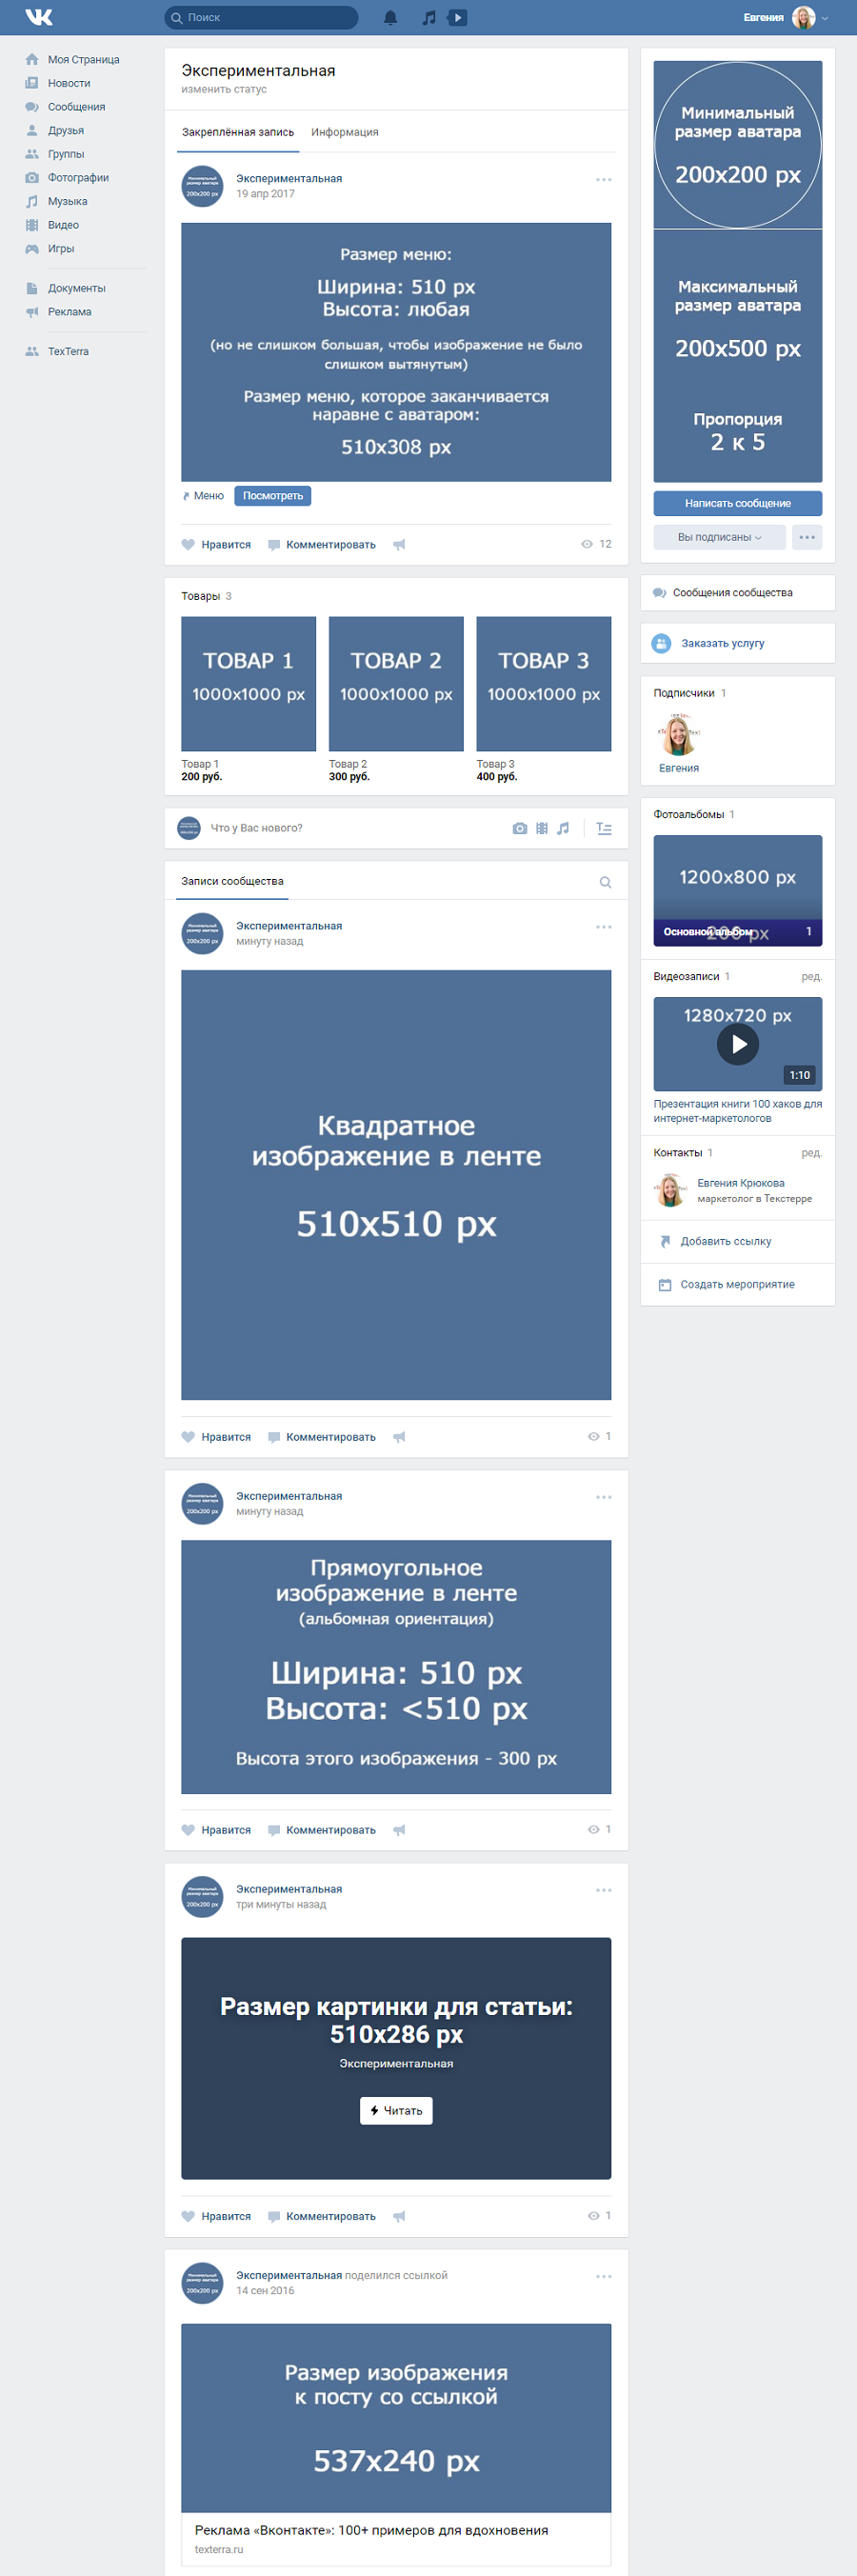 Актуальные размеры изображений в социальной сети «ВКонтакте»